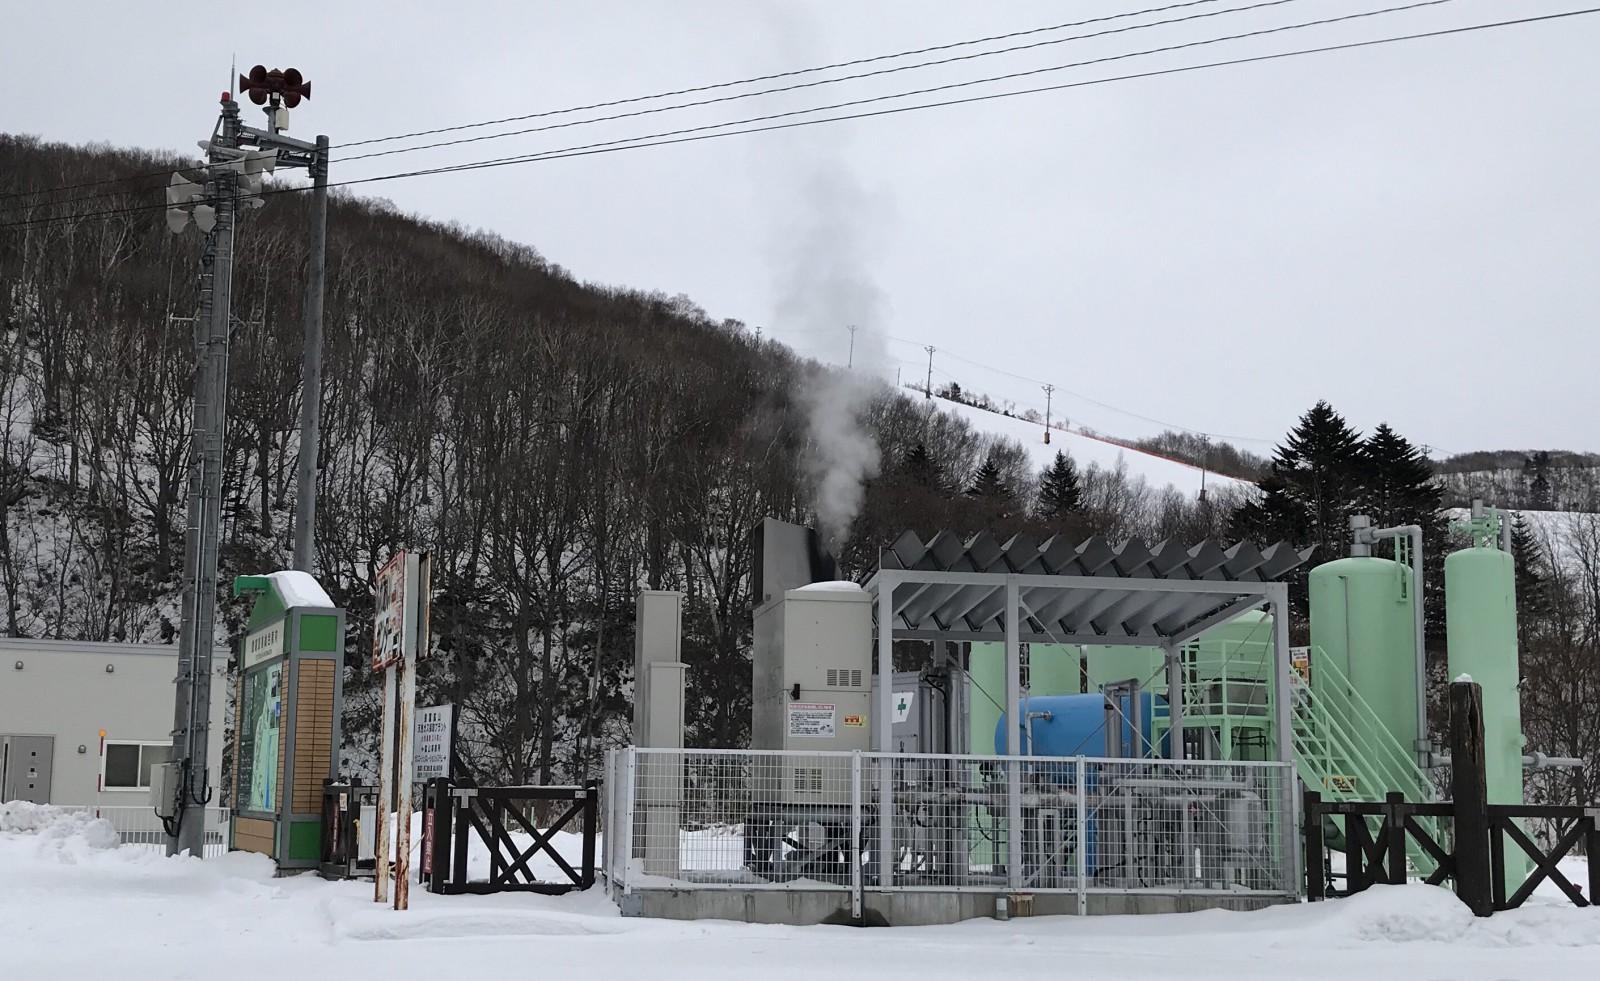 令和元年12月12日に発生した地震による温泉供給への影響について